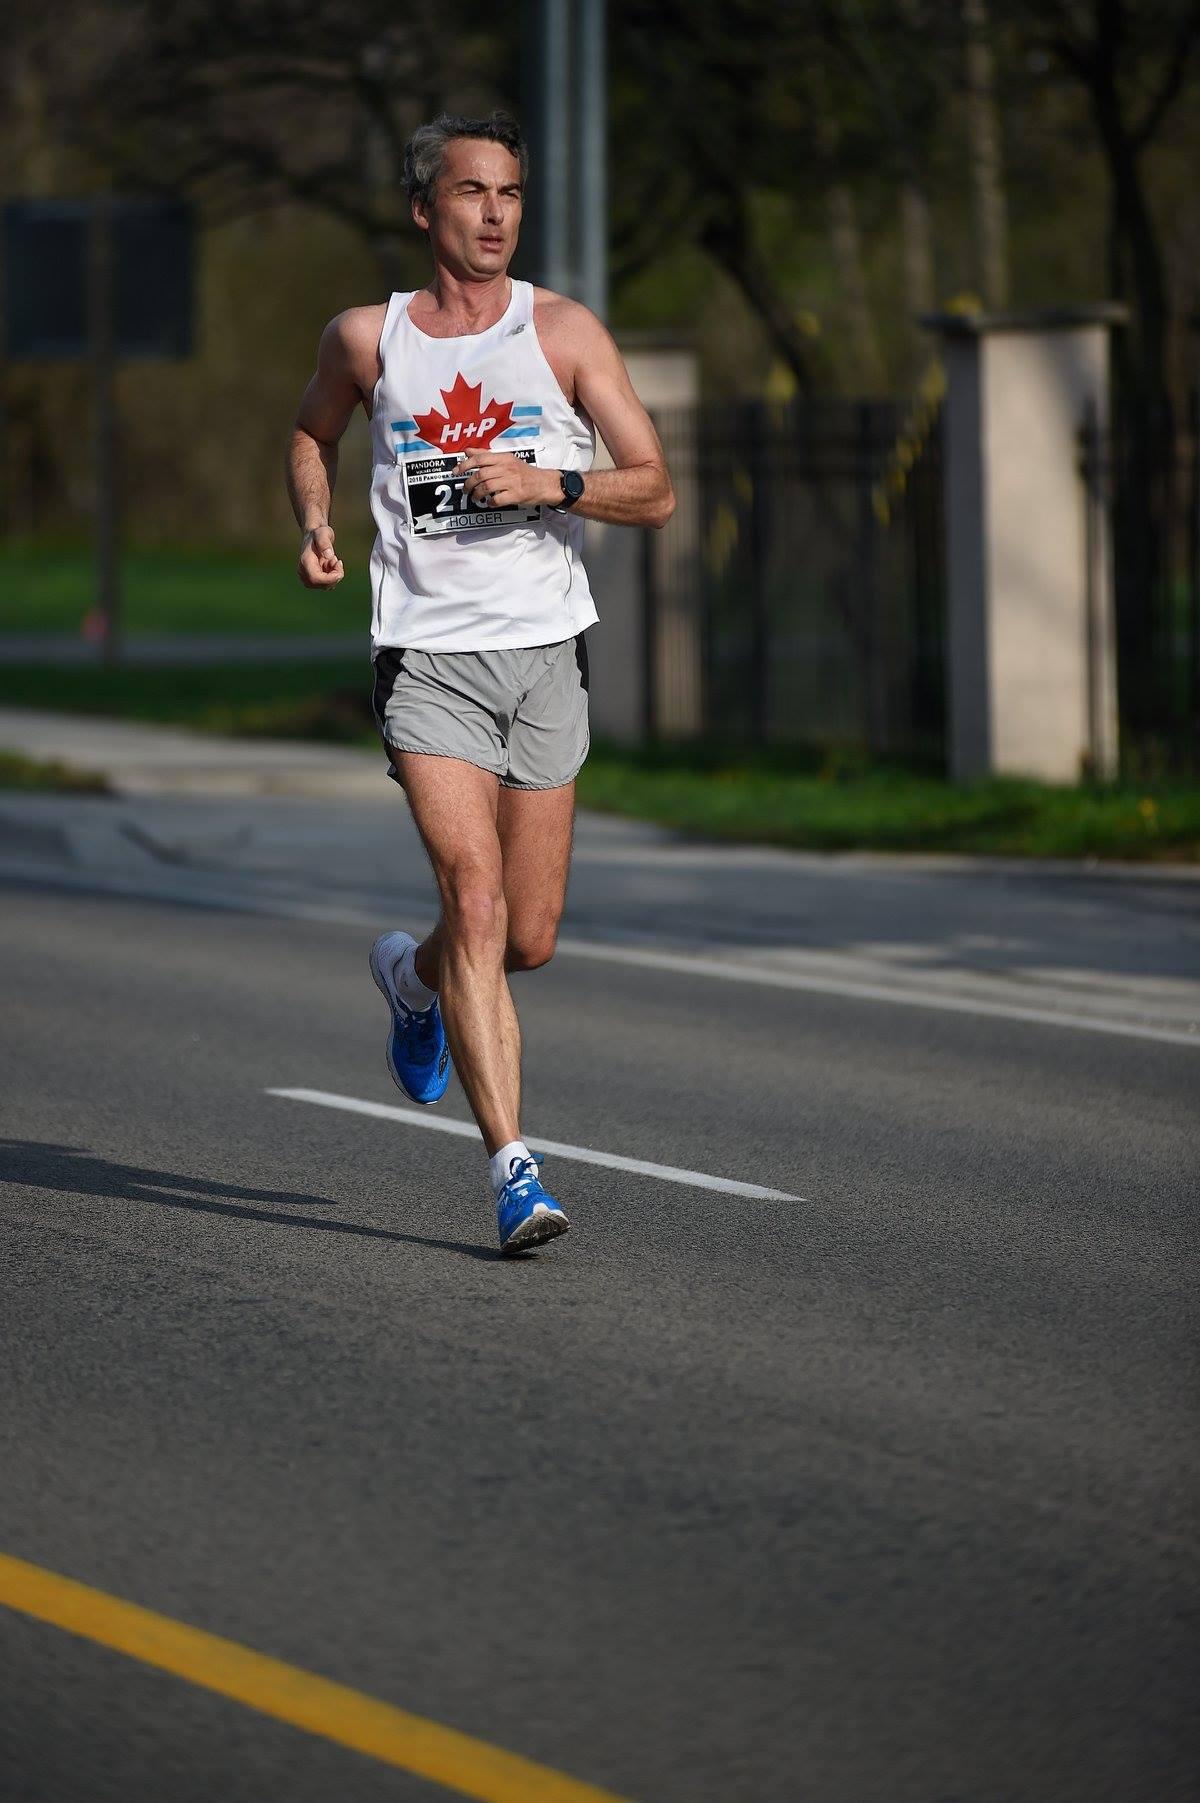 holger kleinke mississauga marathon health and performance 2018